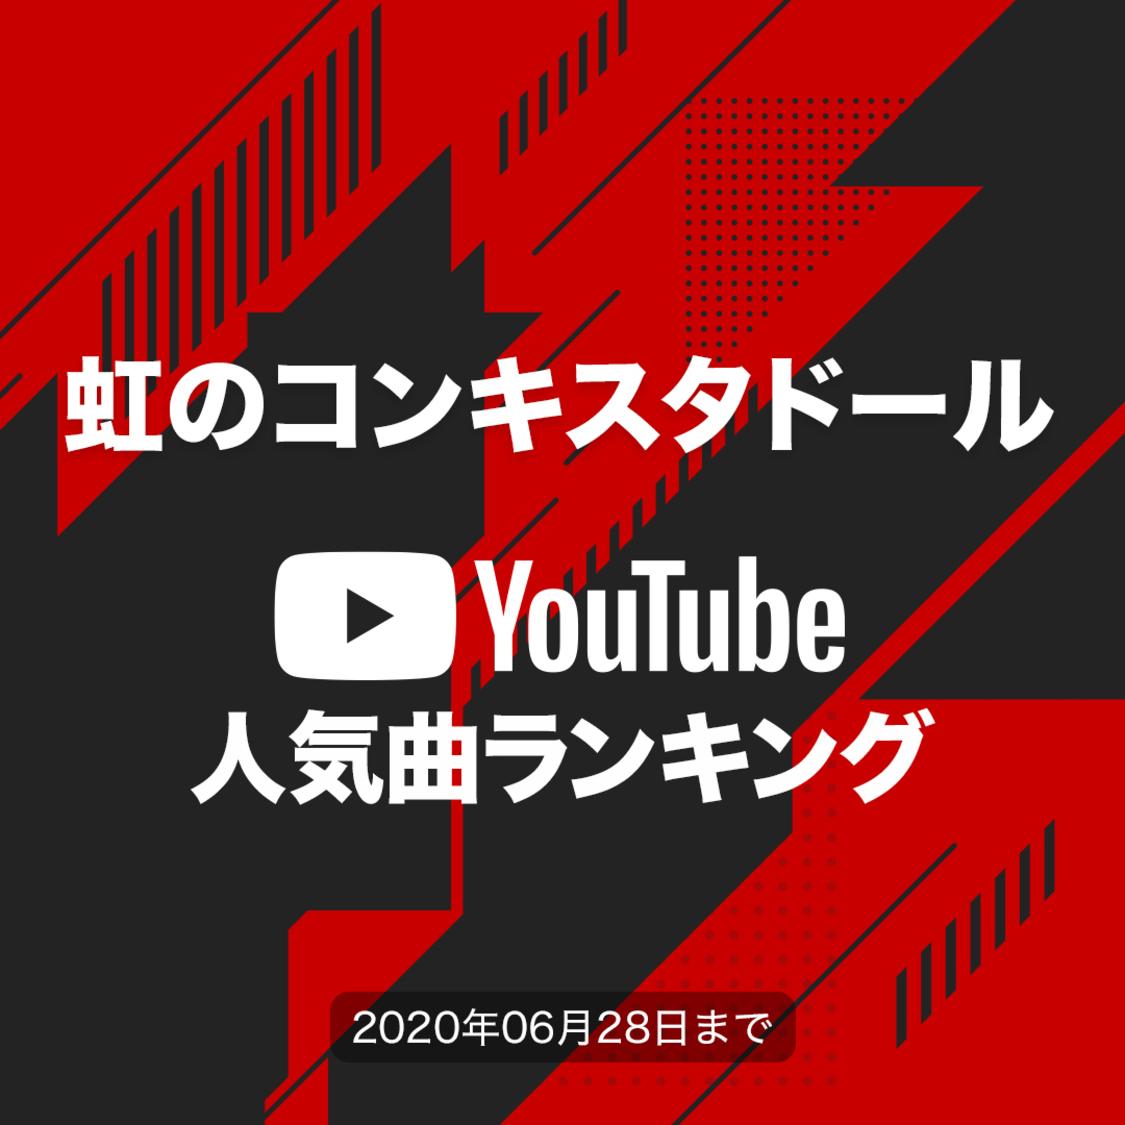 虹のコンキスタドール[YouTube人気曲ランキング]再生回数が1番多い曲は?